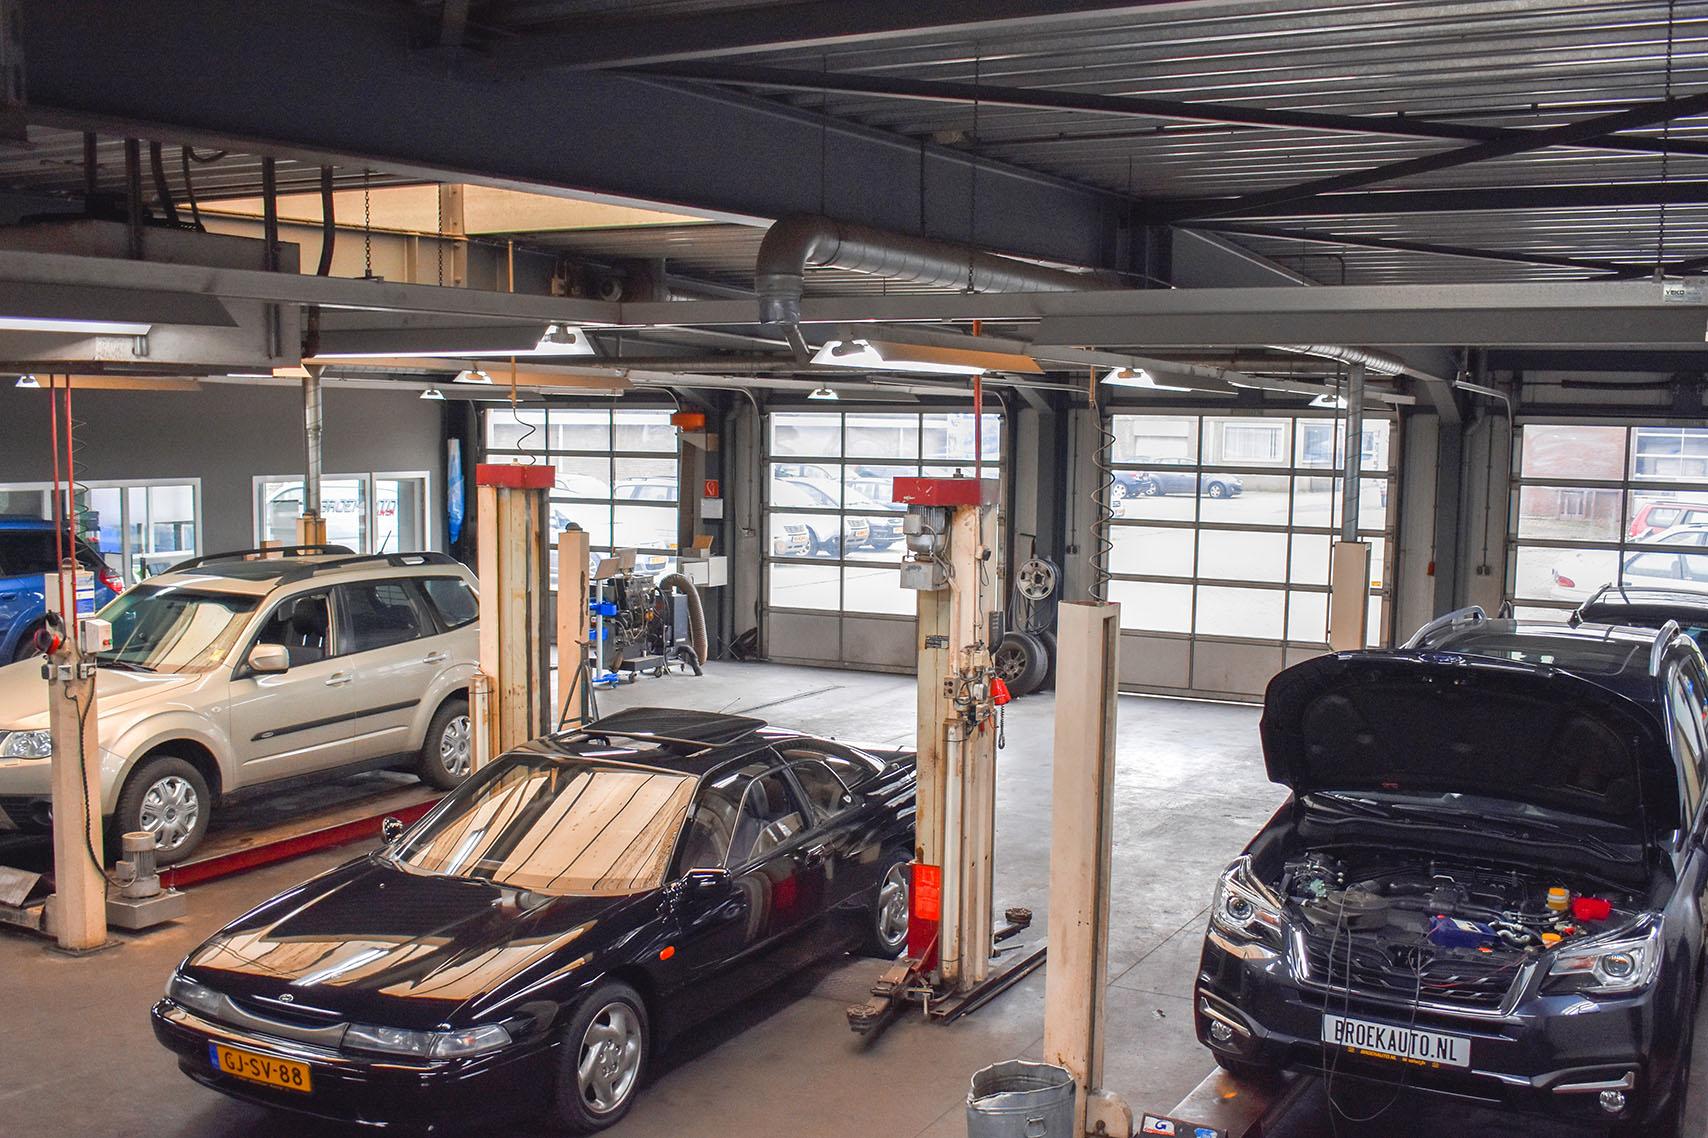 werkplaats Broekauto Waalwijk